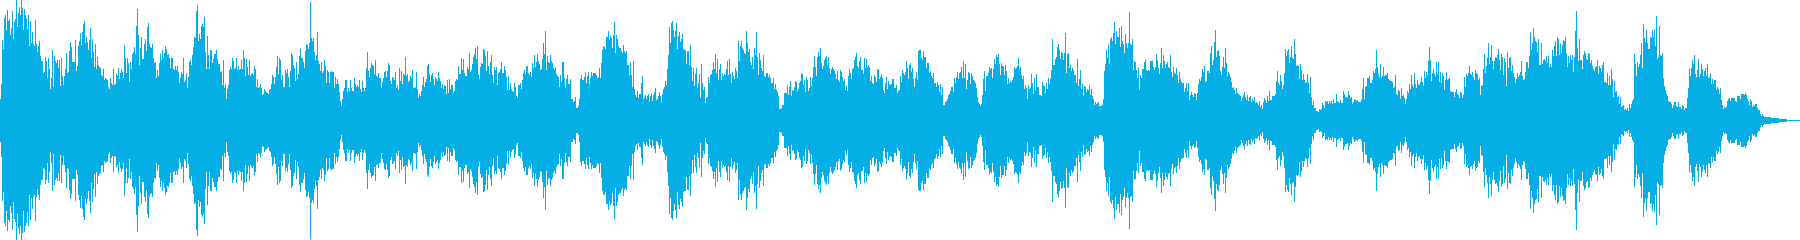 カラスの大群の再生済みの波形